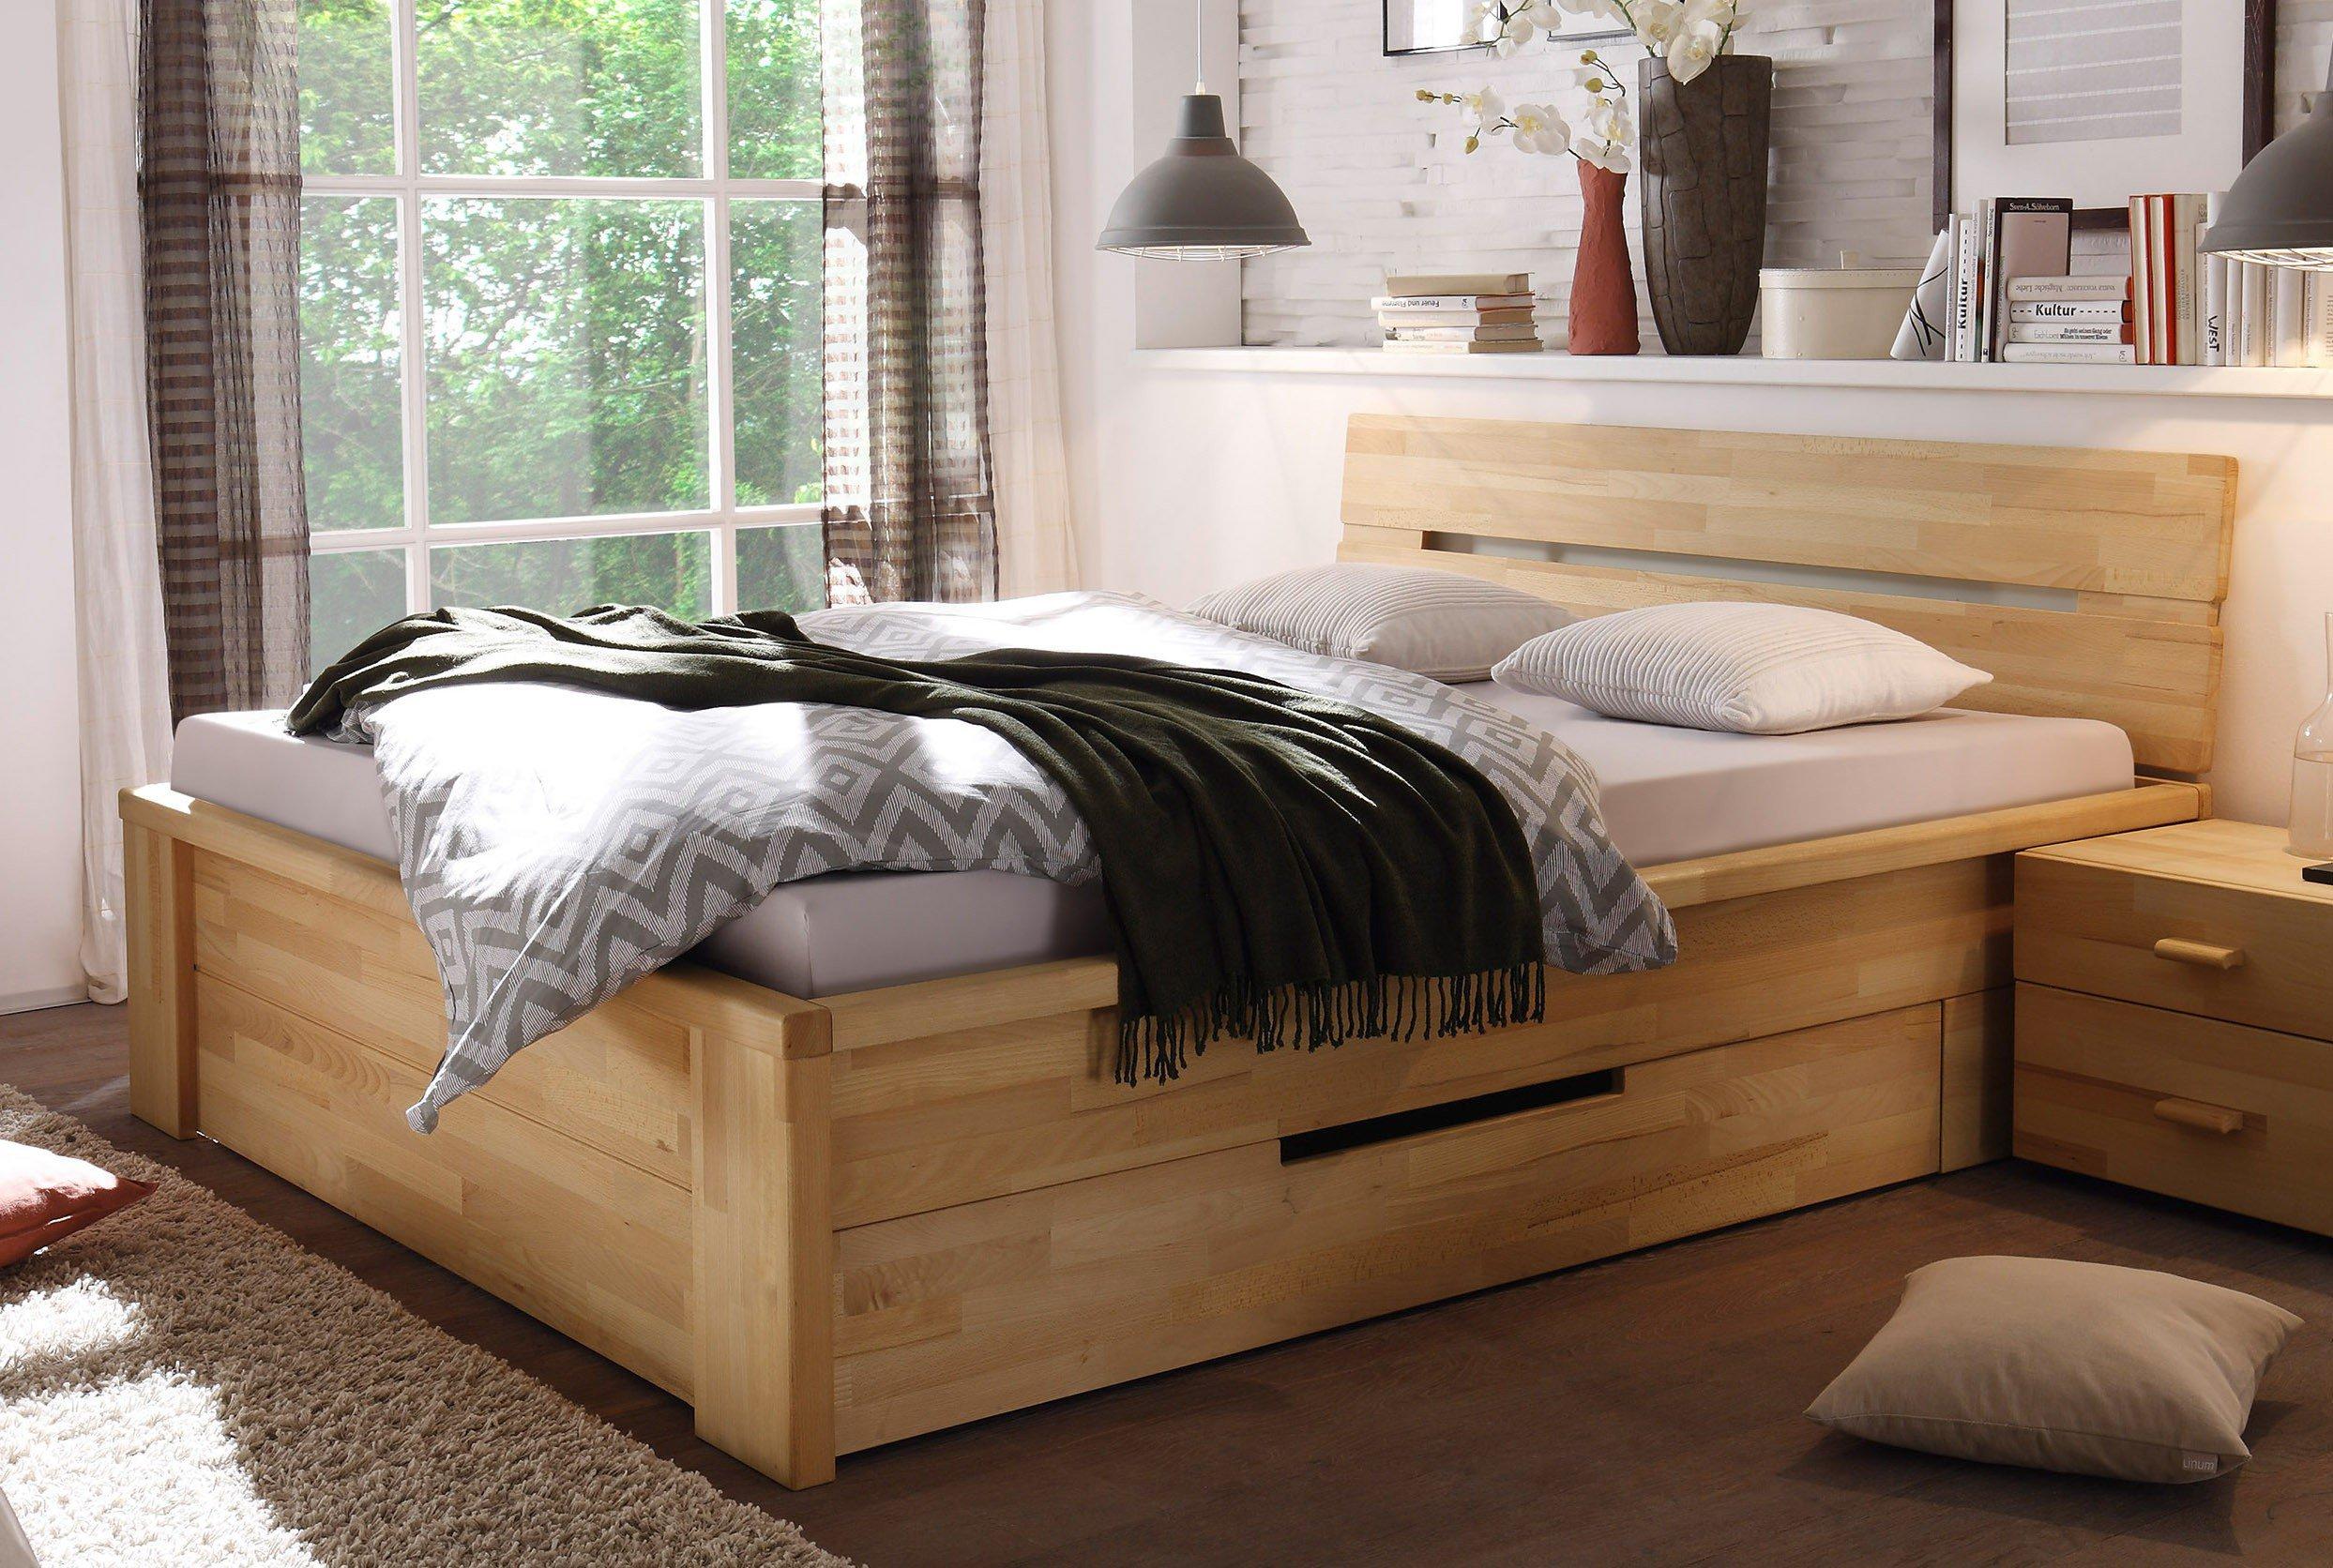 woodlive cassetta bett kernbuche natur m bel letz ihr. Black Bedroom Furniture Sets. Home Design Ideas